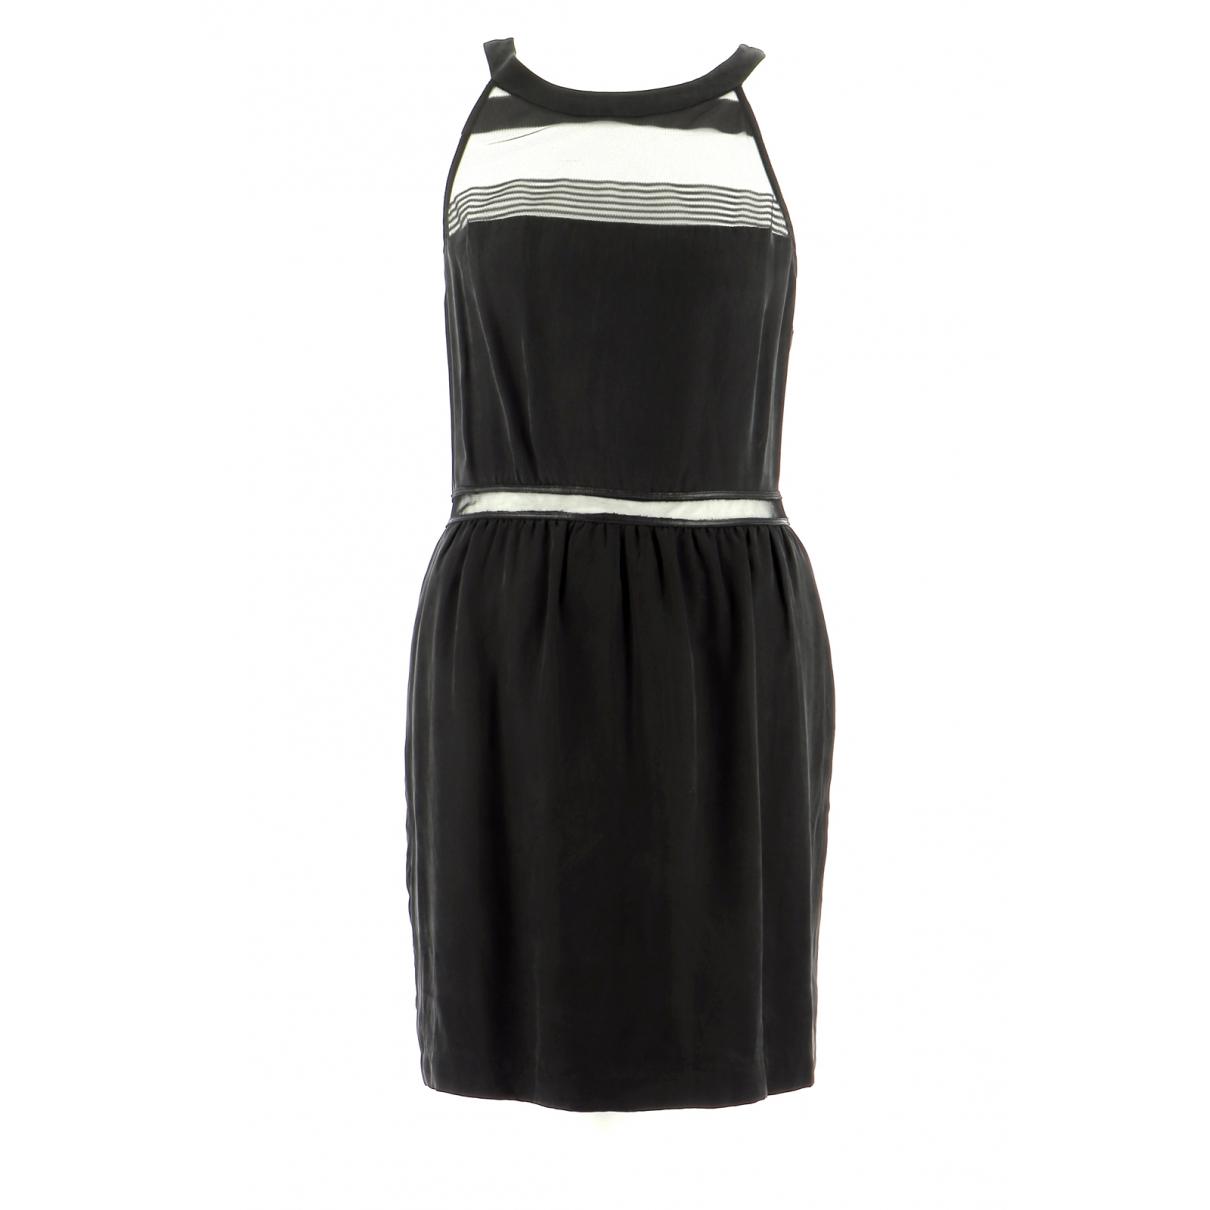 Bel Air \N Kleid in  Schwarz Polyester